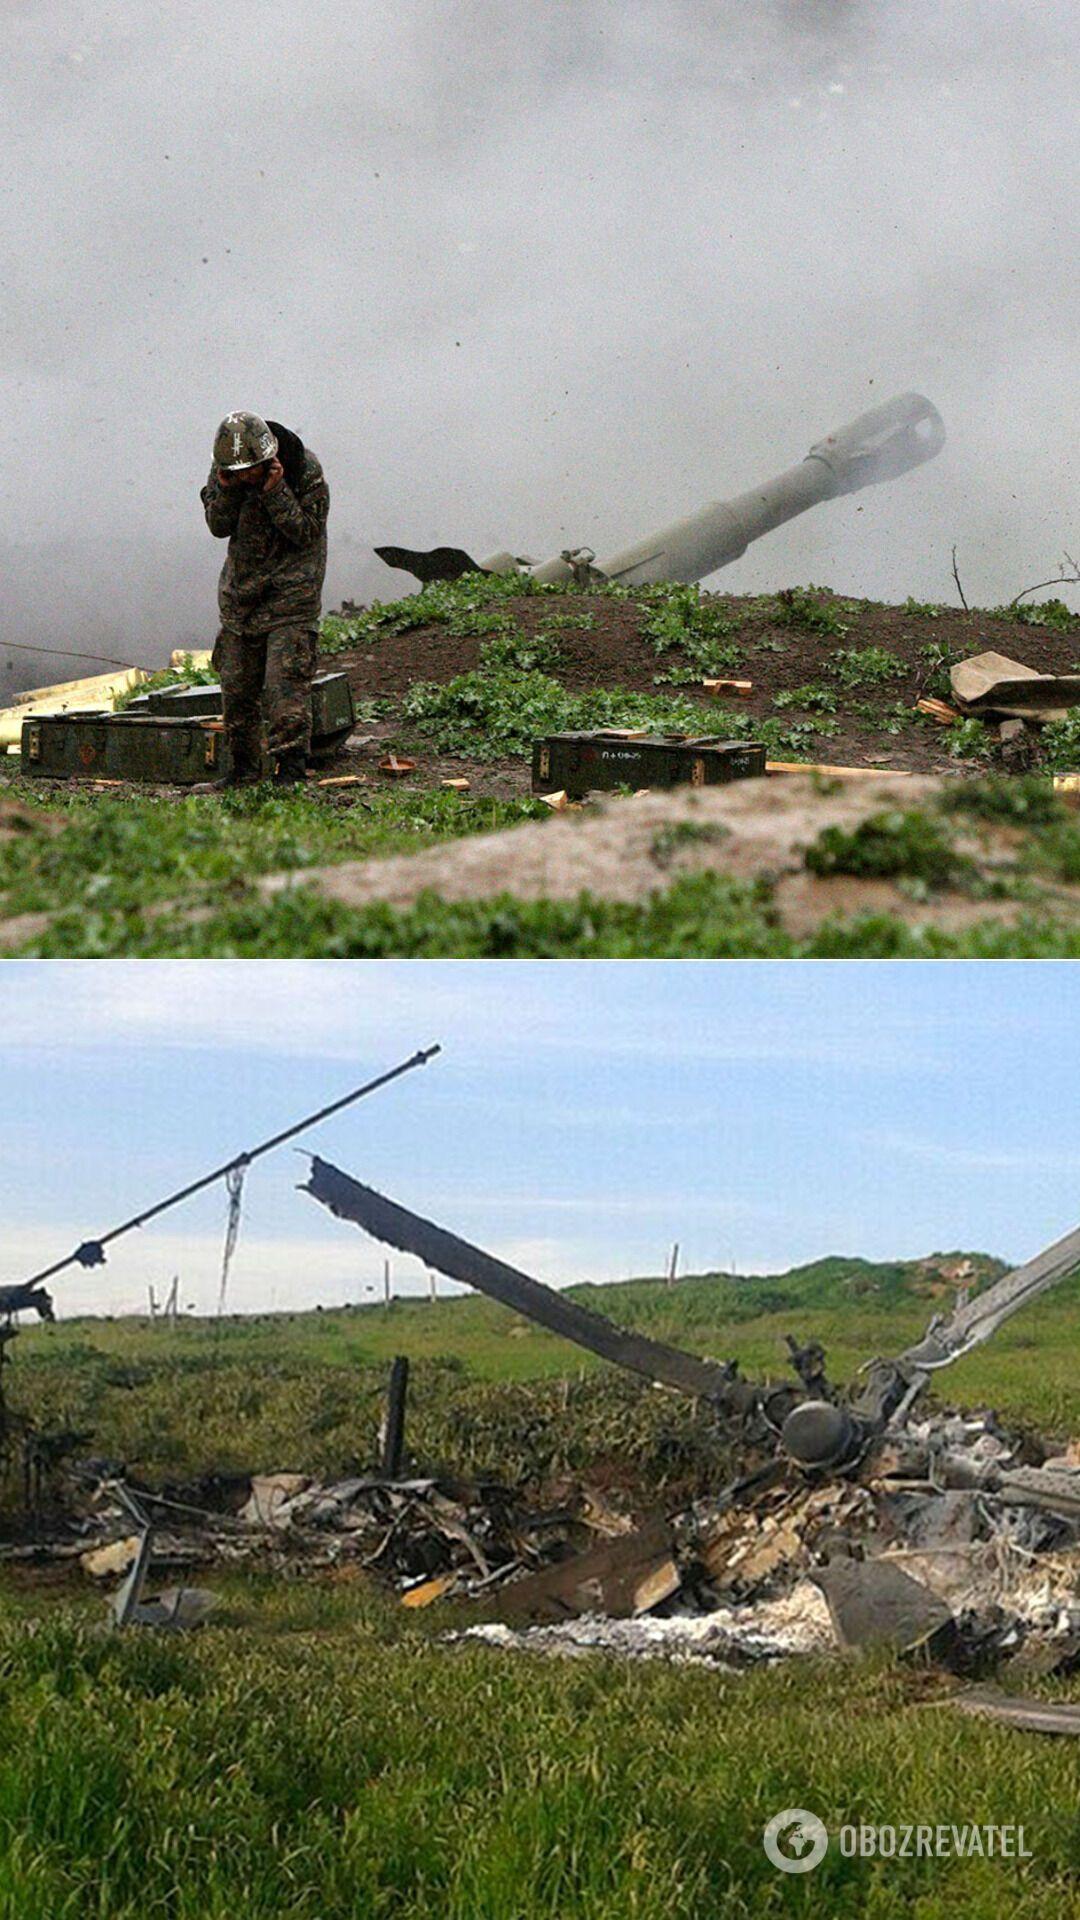 Військовослужбовець армії Карабаху в зоні бойових дій і збитий вертоліт ВПС Азербайджану в зоні карабаського конфлікту, 2016 рік